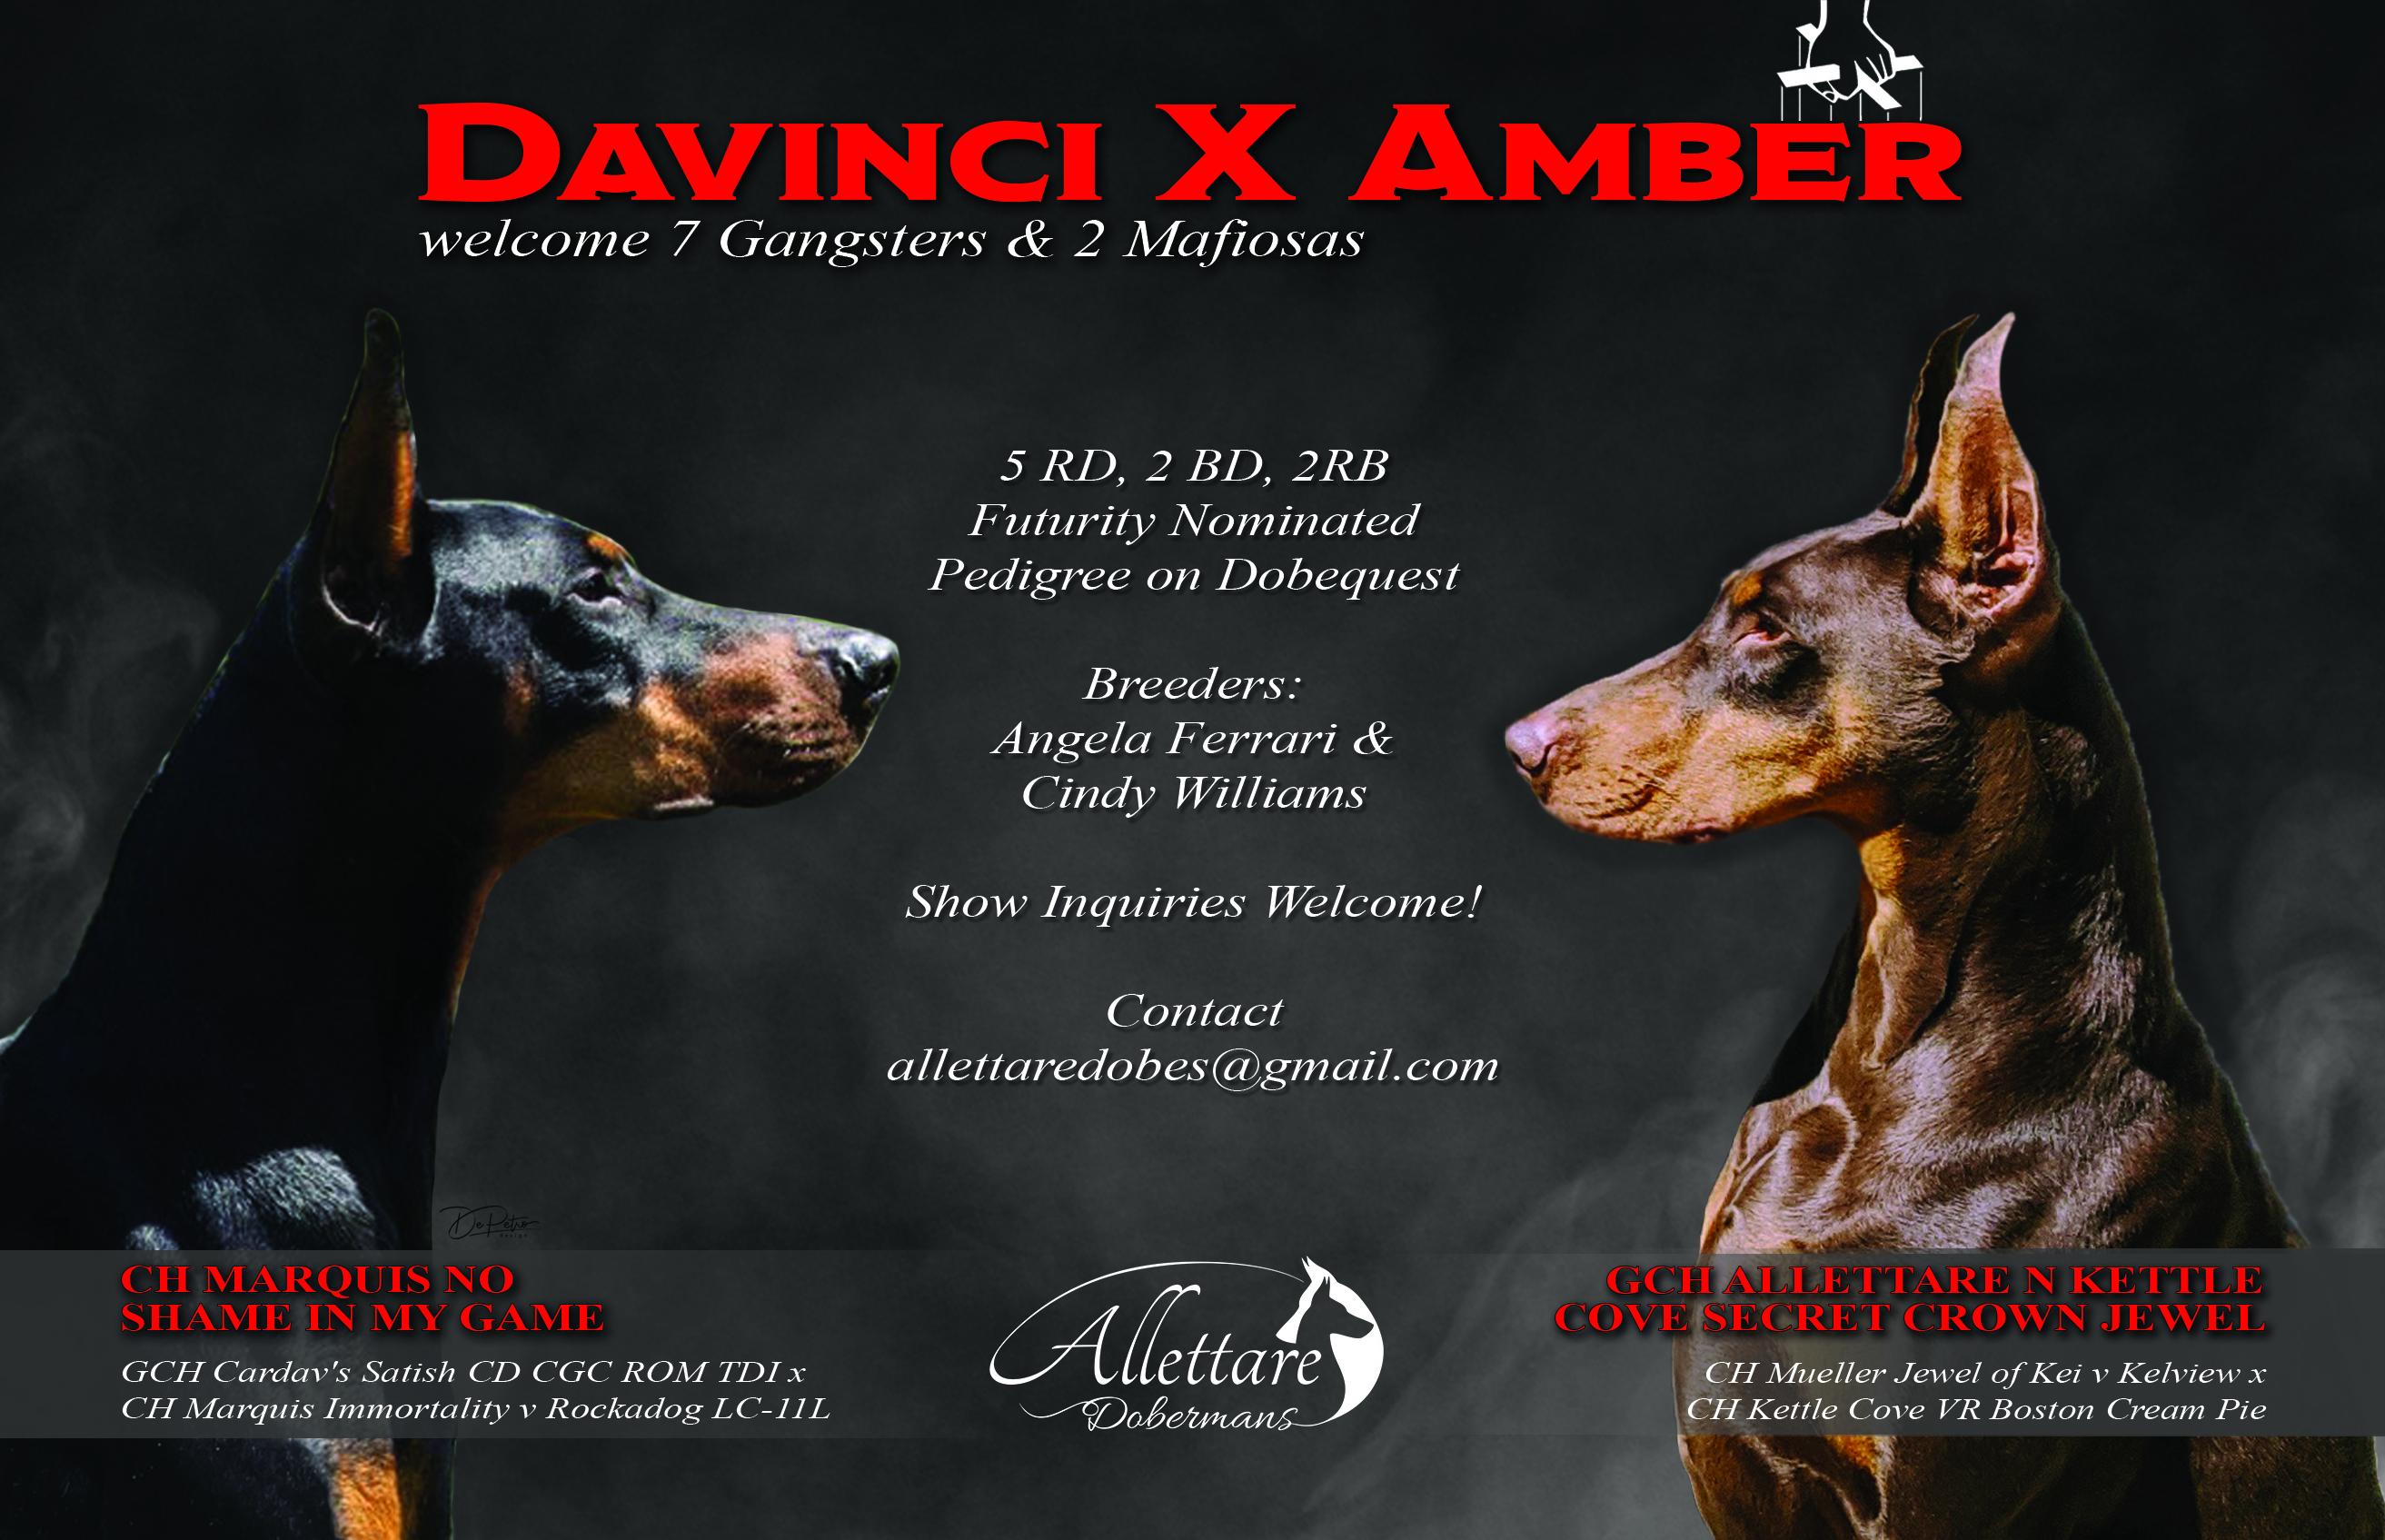 Davinci x Amber Litter Announcement